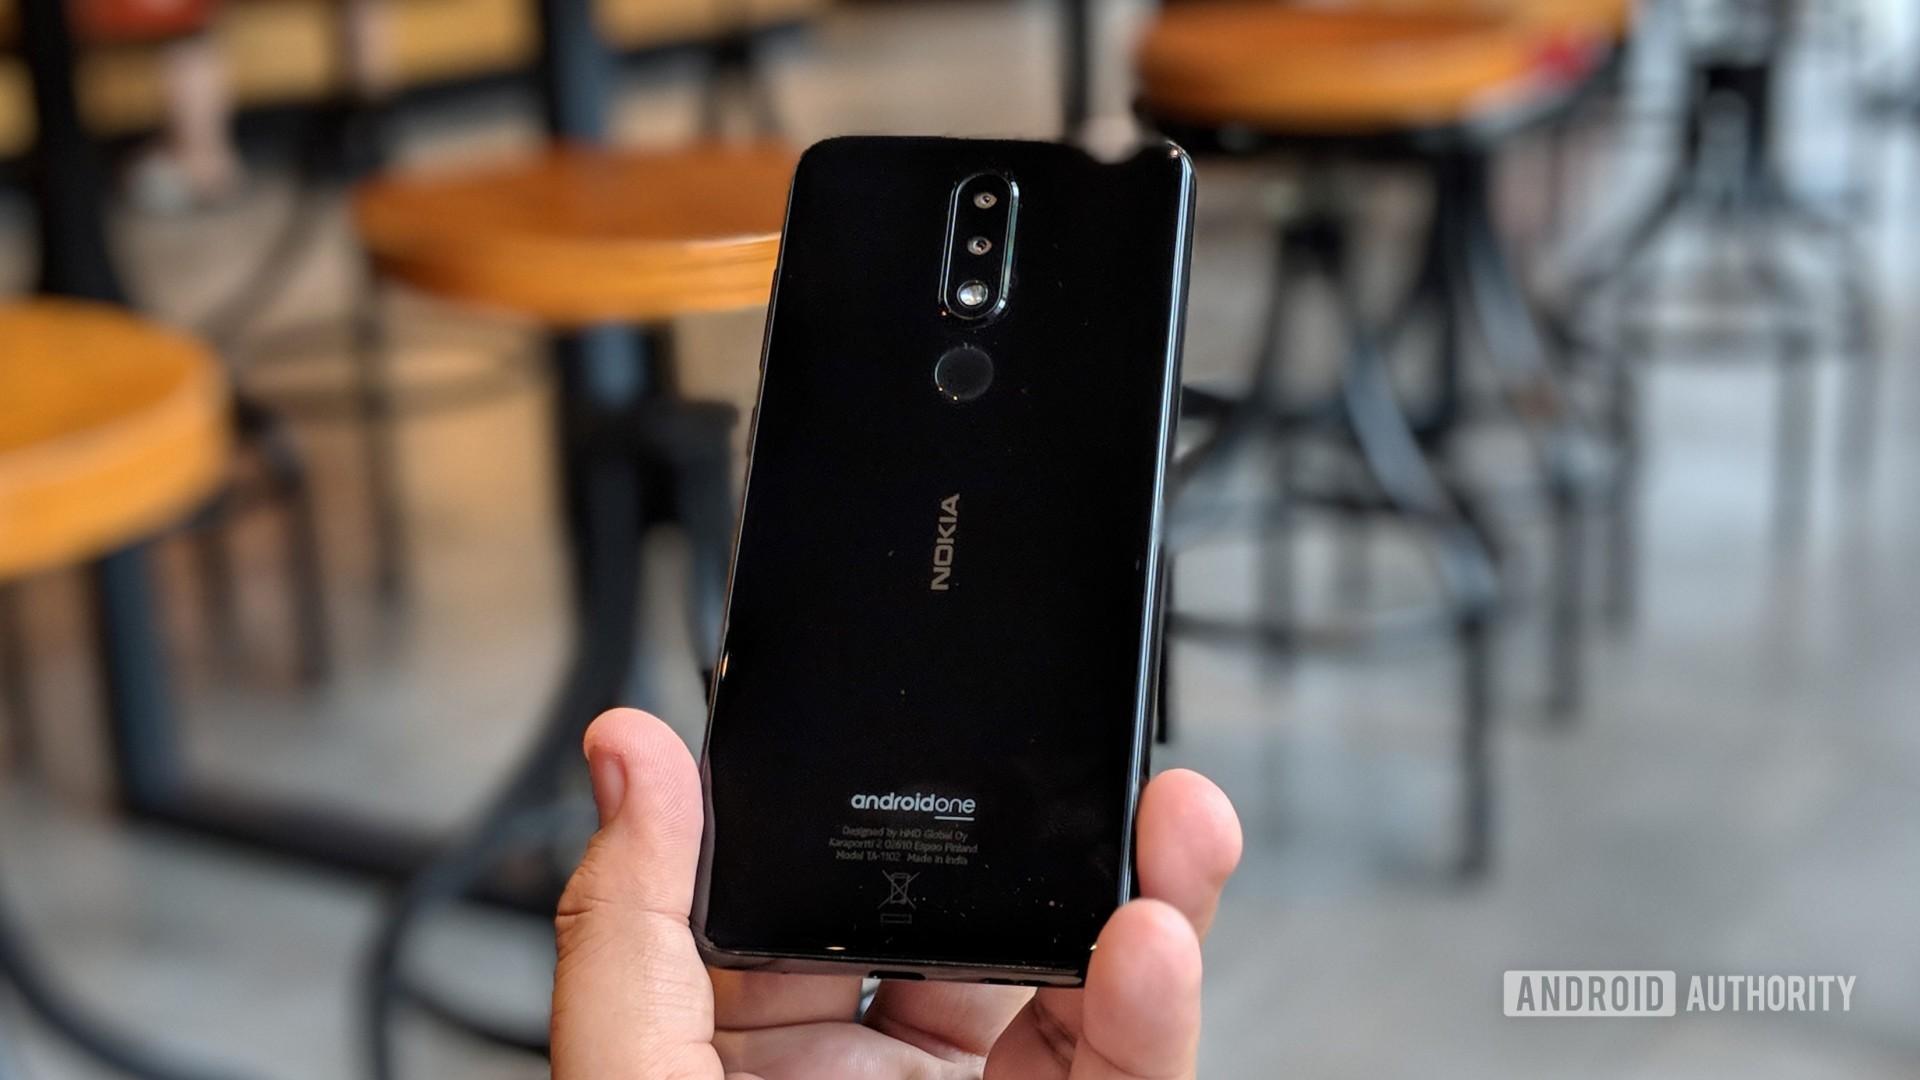 Nokia 5.1 Plus held in hand